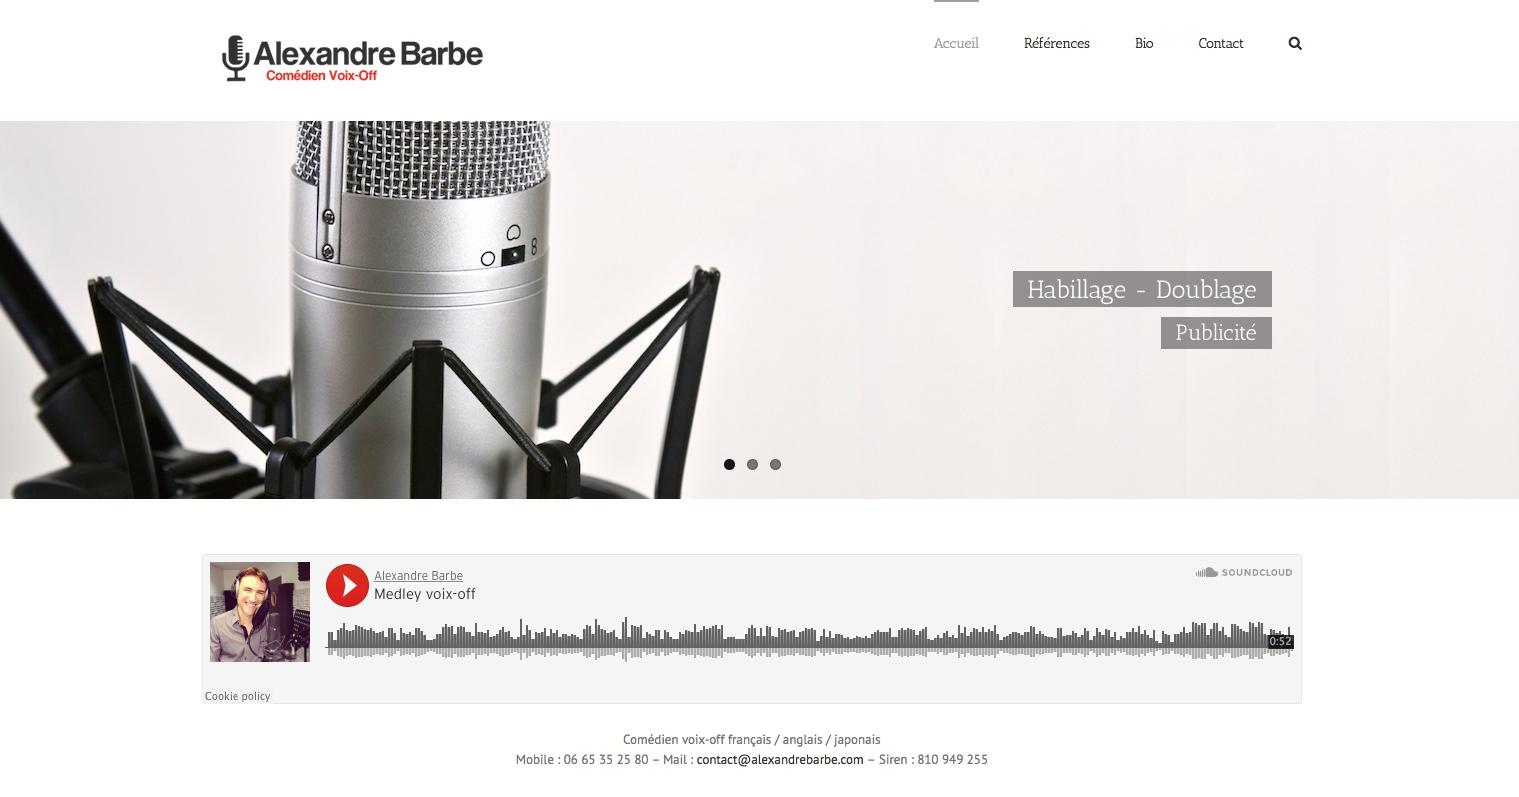 alexandrebarbe.com